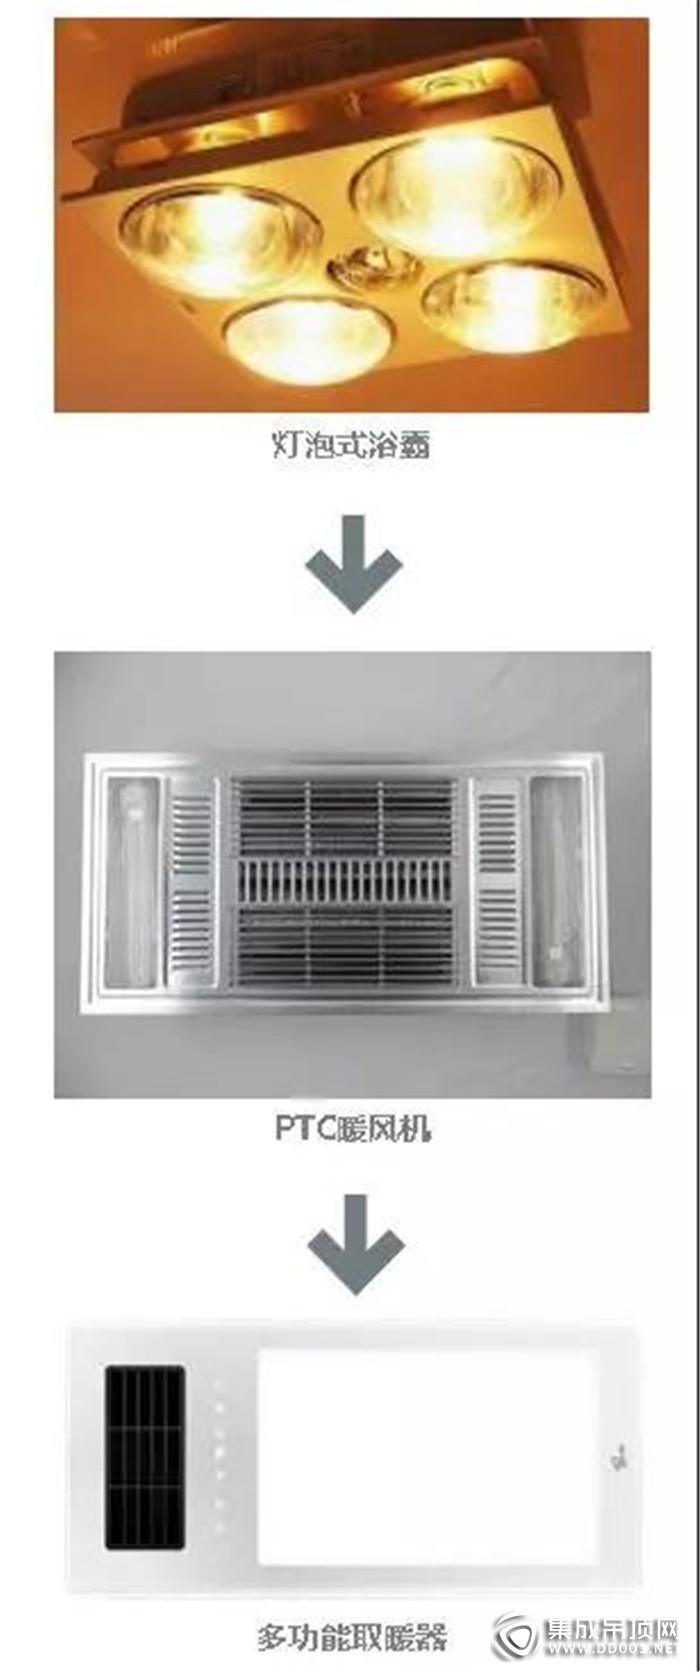 品格智美•MAX浴室空调颠覆传统,这个冬天再也不怕冷啦!